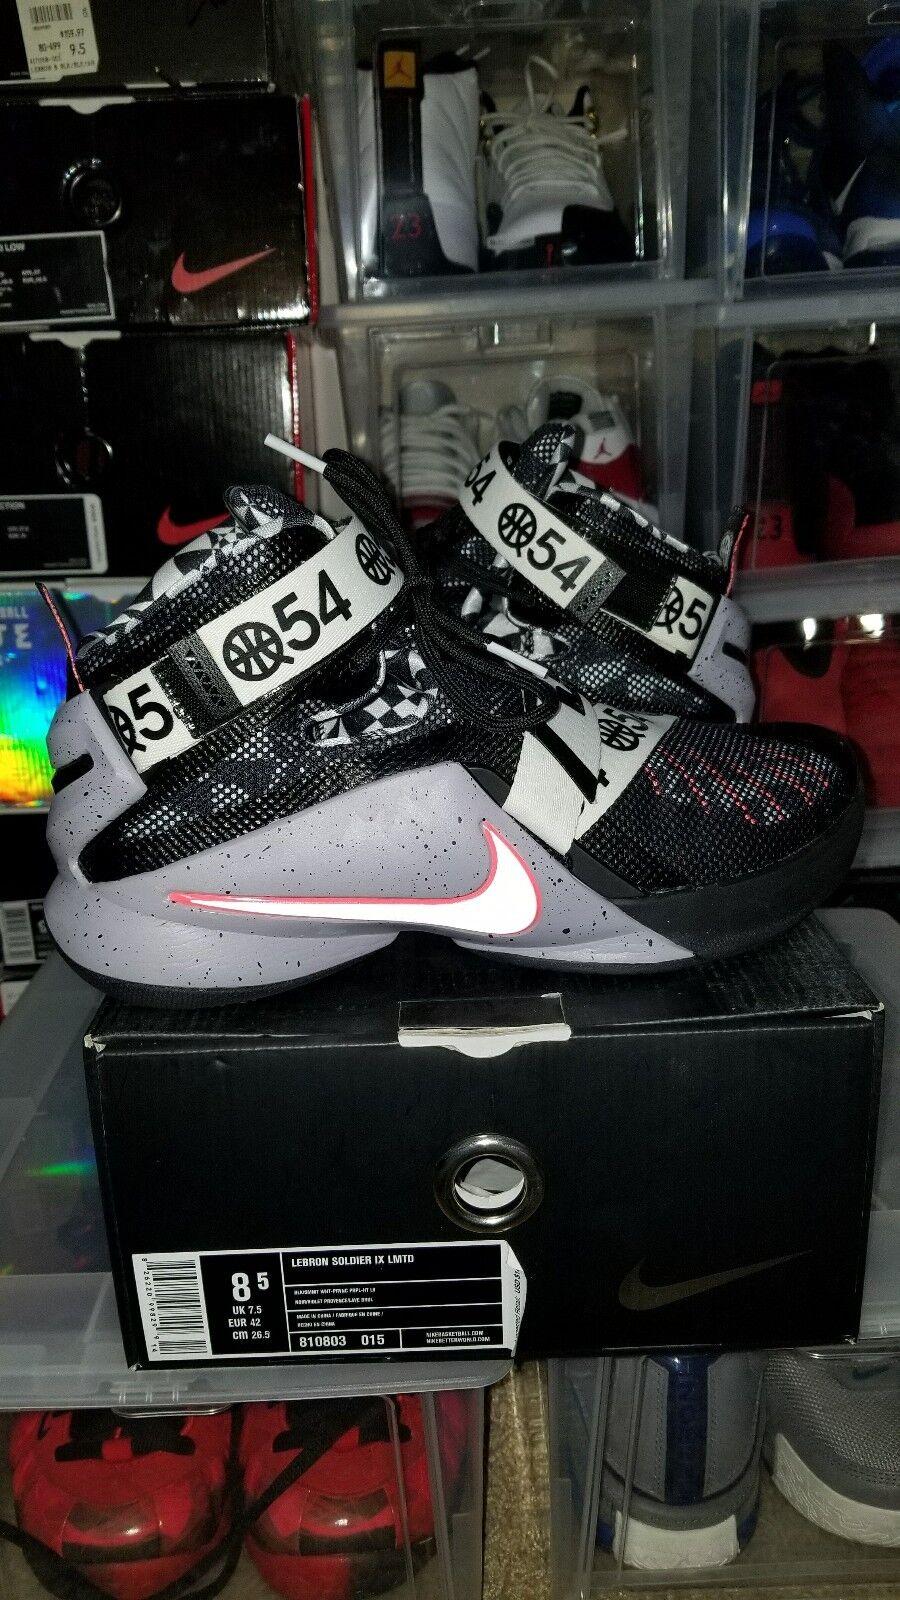 Nike Lebron Soldier IX PRM Jordan 1 12 11